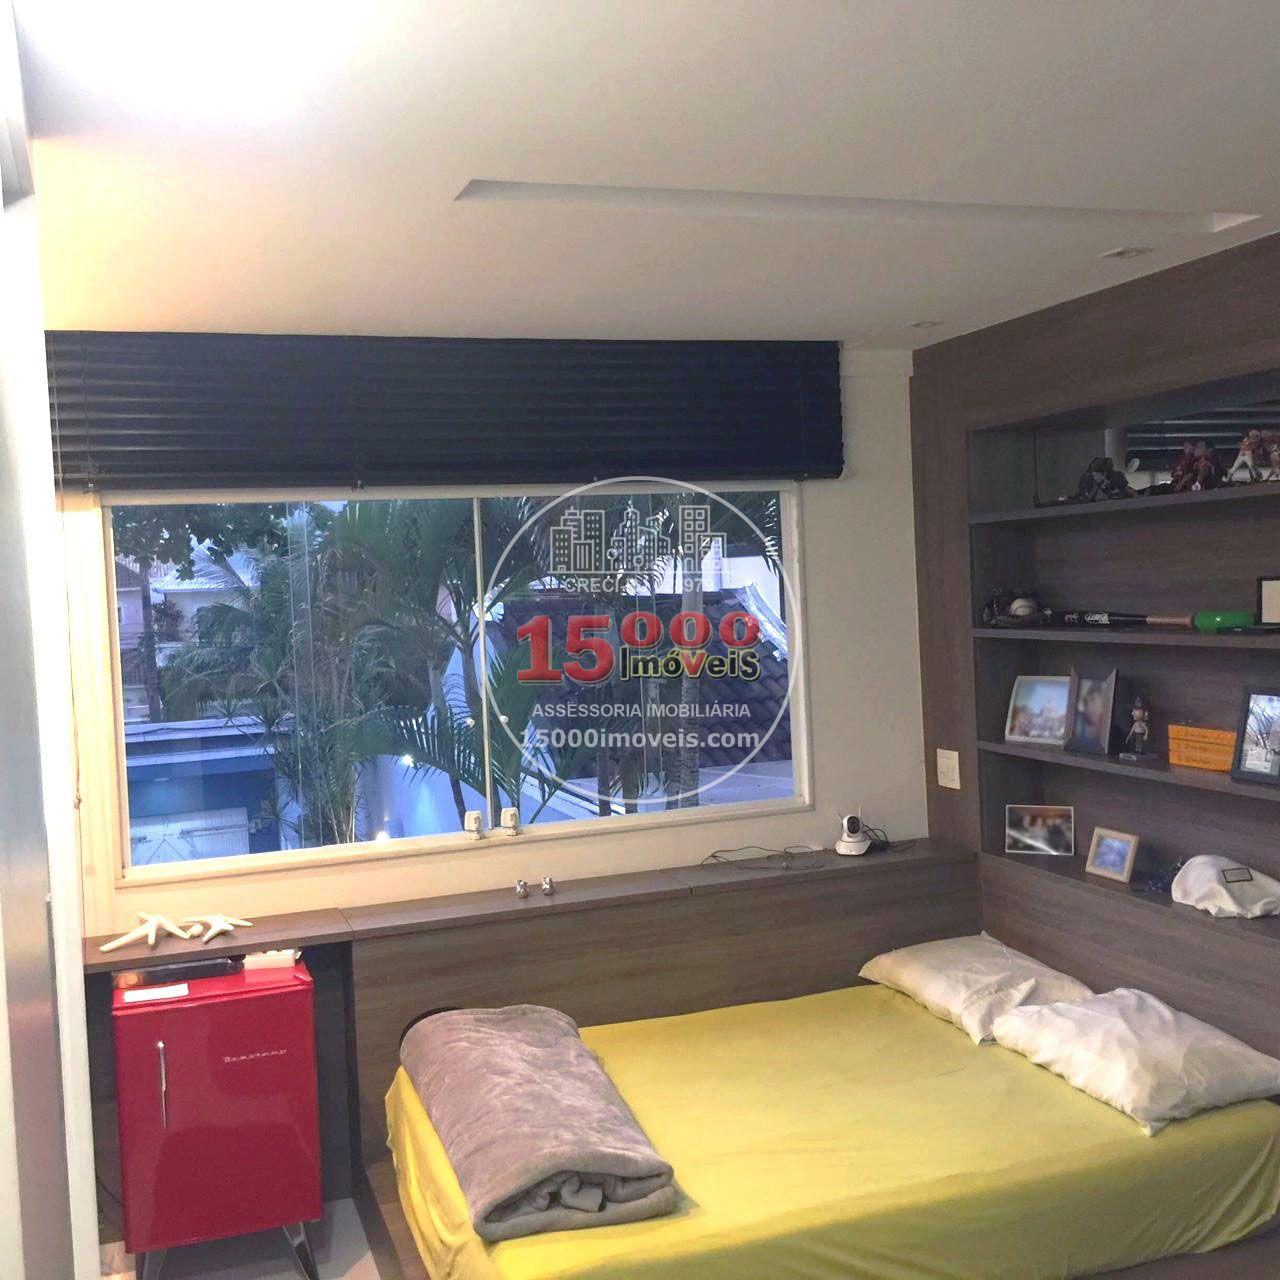 Casa duplex 5 suítes no Cond. Vivendas do Sol - Recreio dos Bandeirantes (15000-110) - 15000-110 - 16